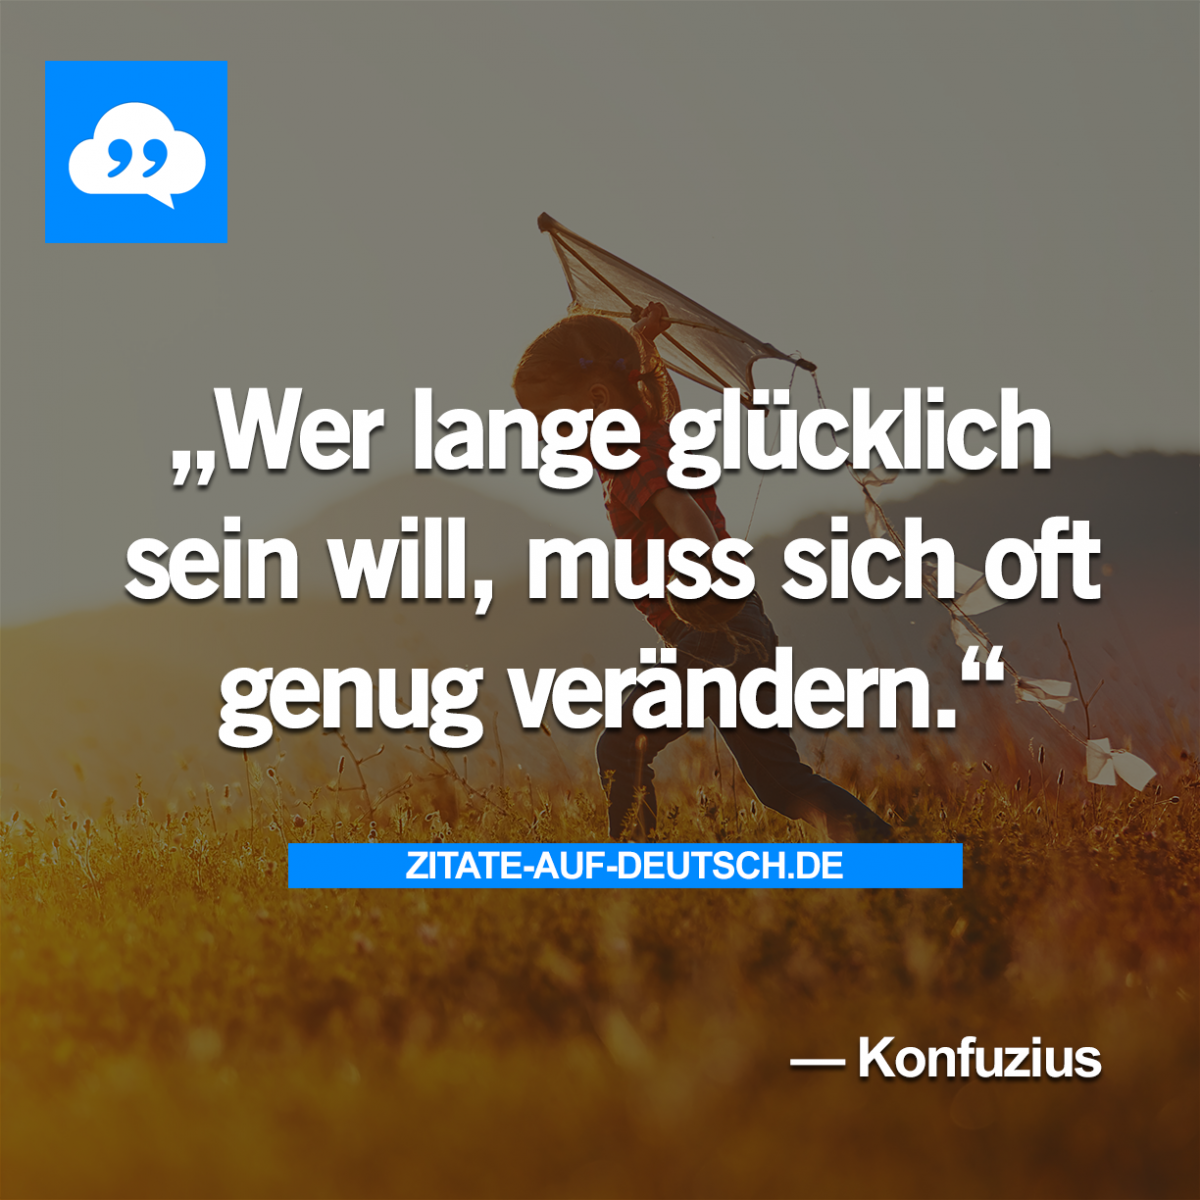 #Glücklich, #Spruch, #Sprüche, #Veränderung, # ...